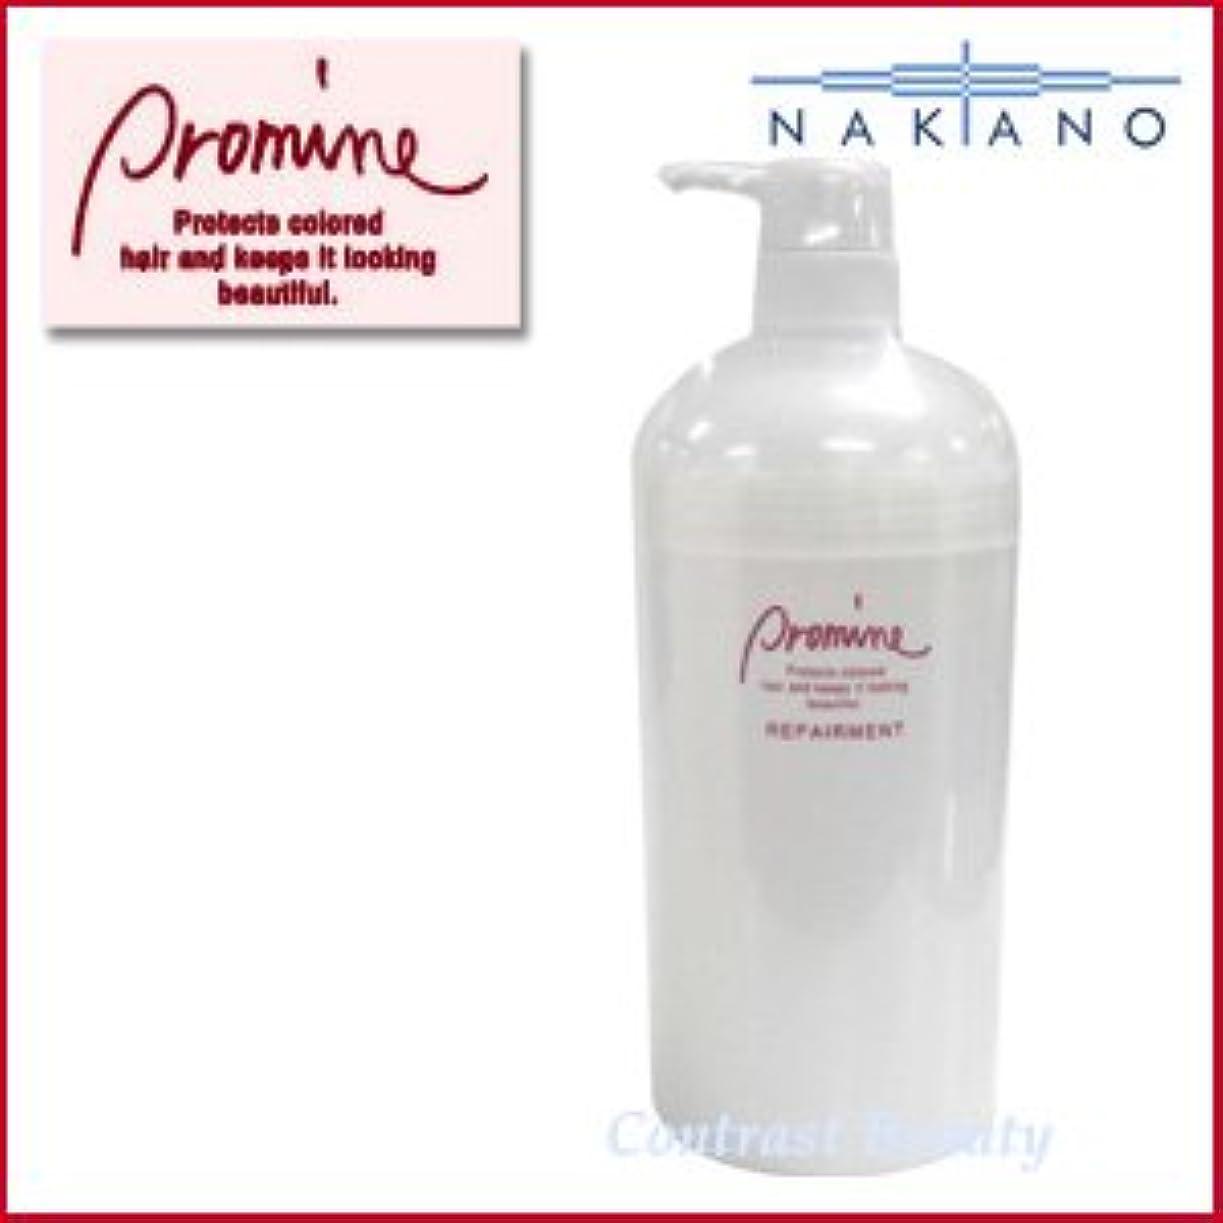 拒絶暴君印刷する【X3個セット】 ナカノ プロマイン リペアメント 670g 【ヘアケア Hair care 中野製薬株式会社 NAKANO】